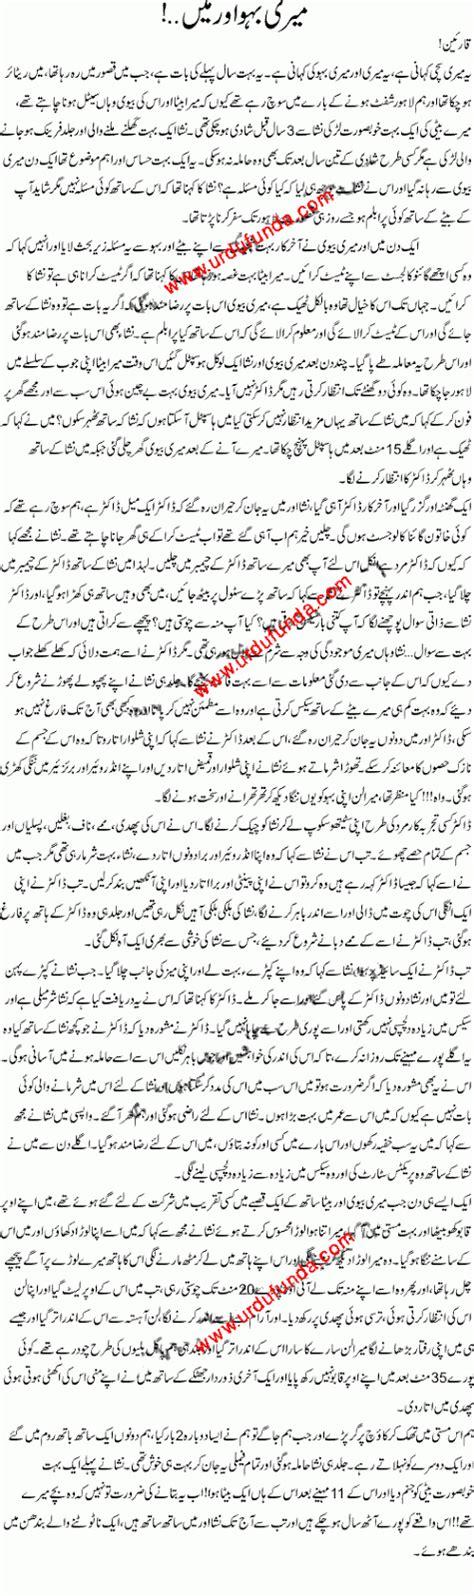 Free urdu font sex stories | www cicampo com br